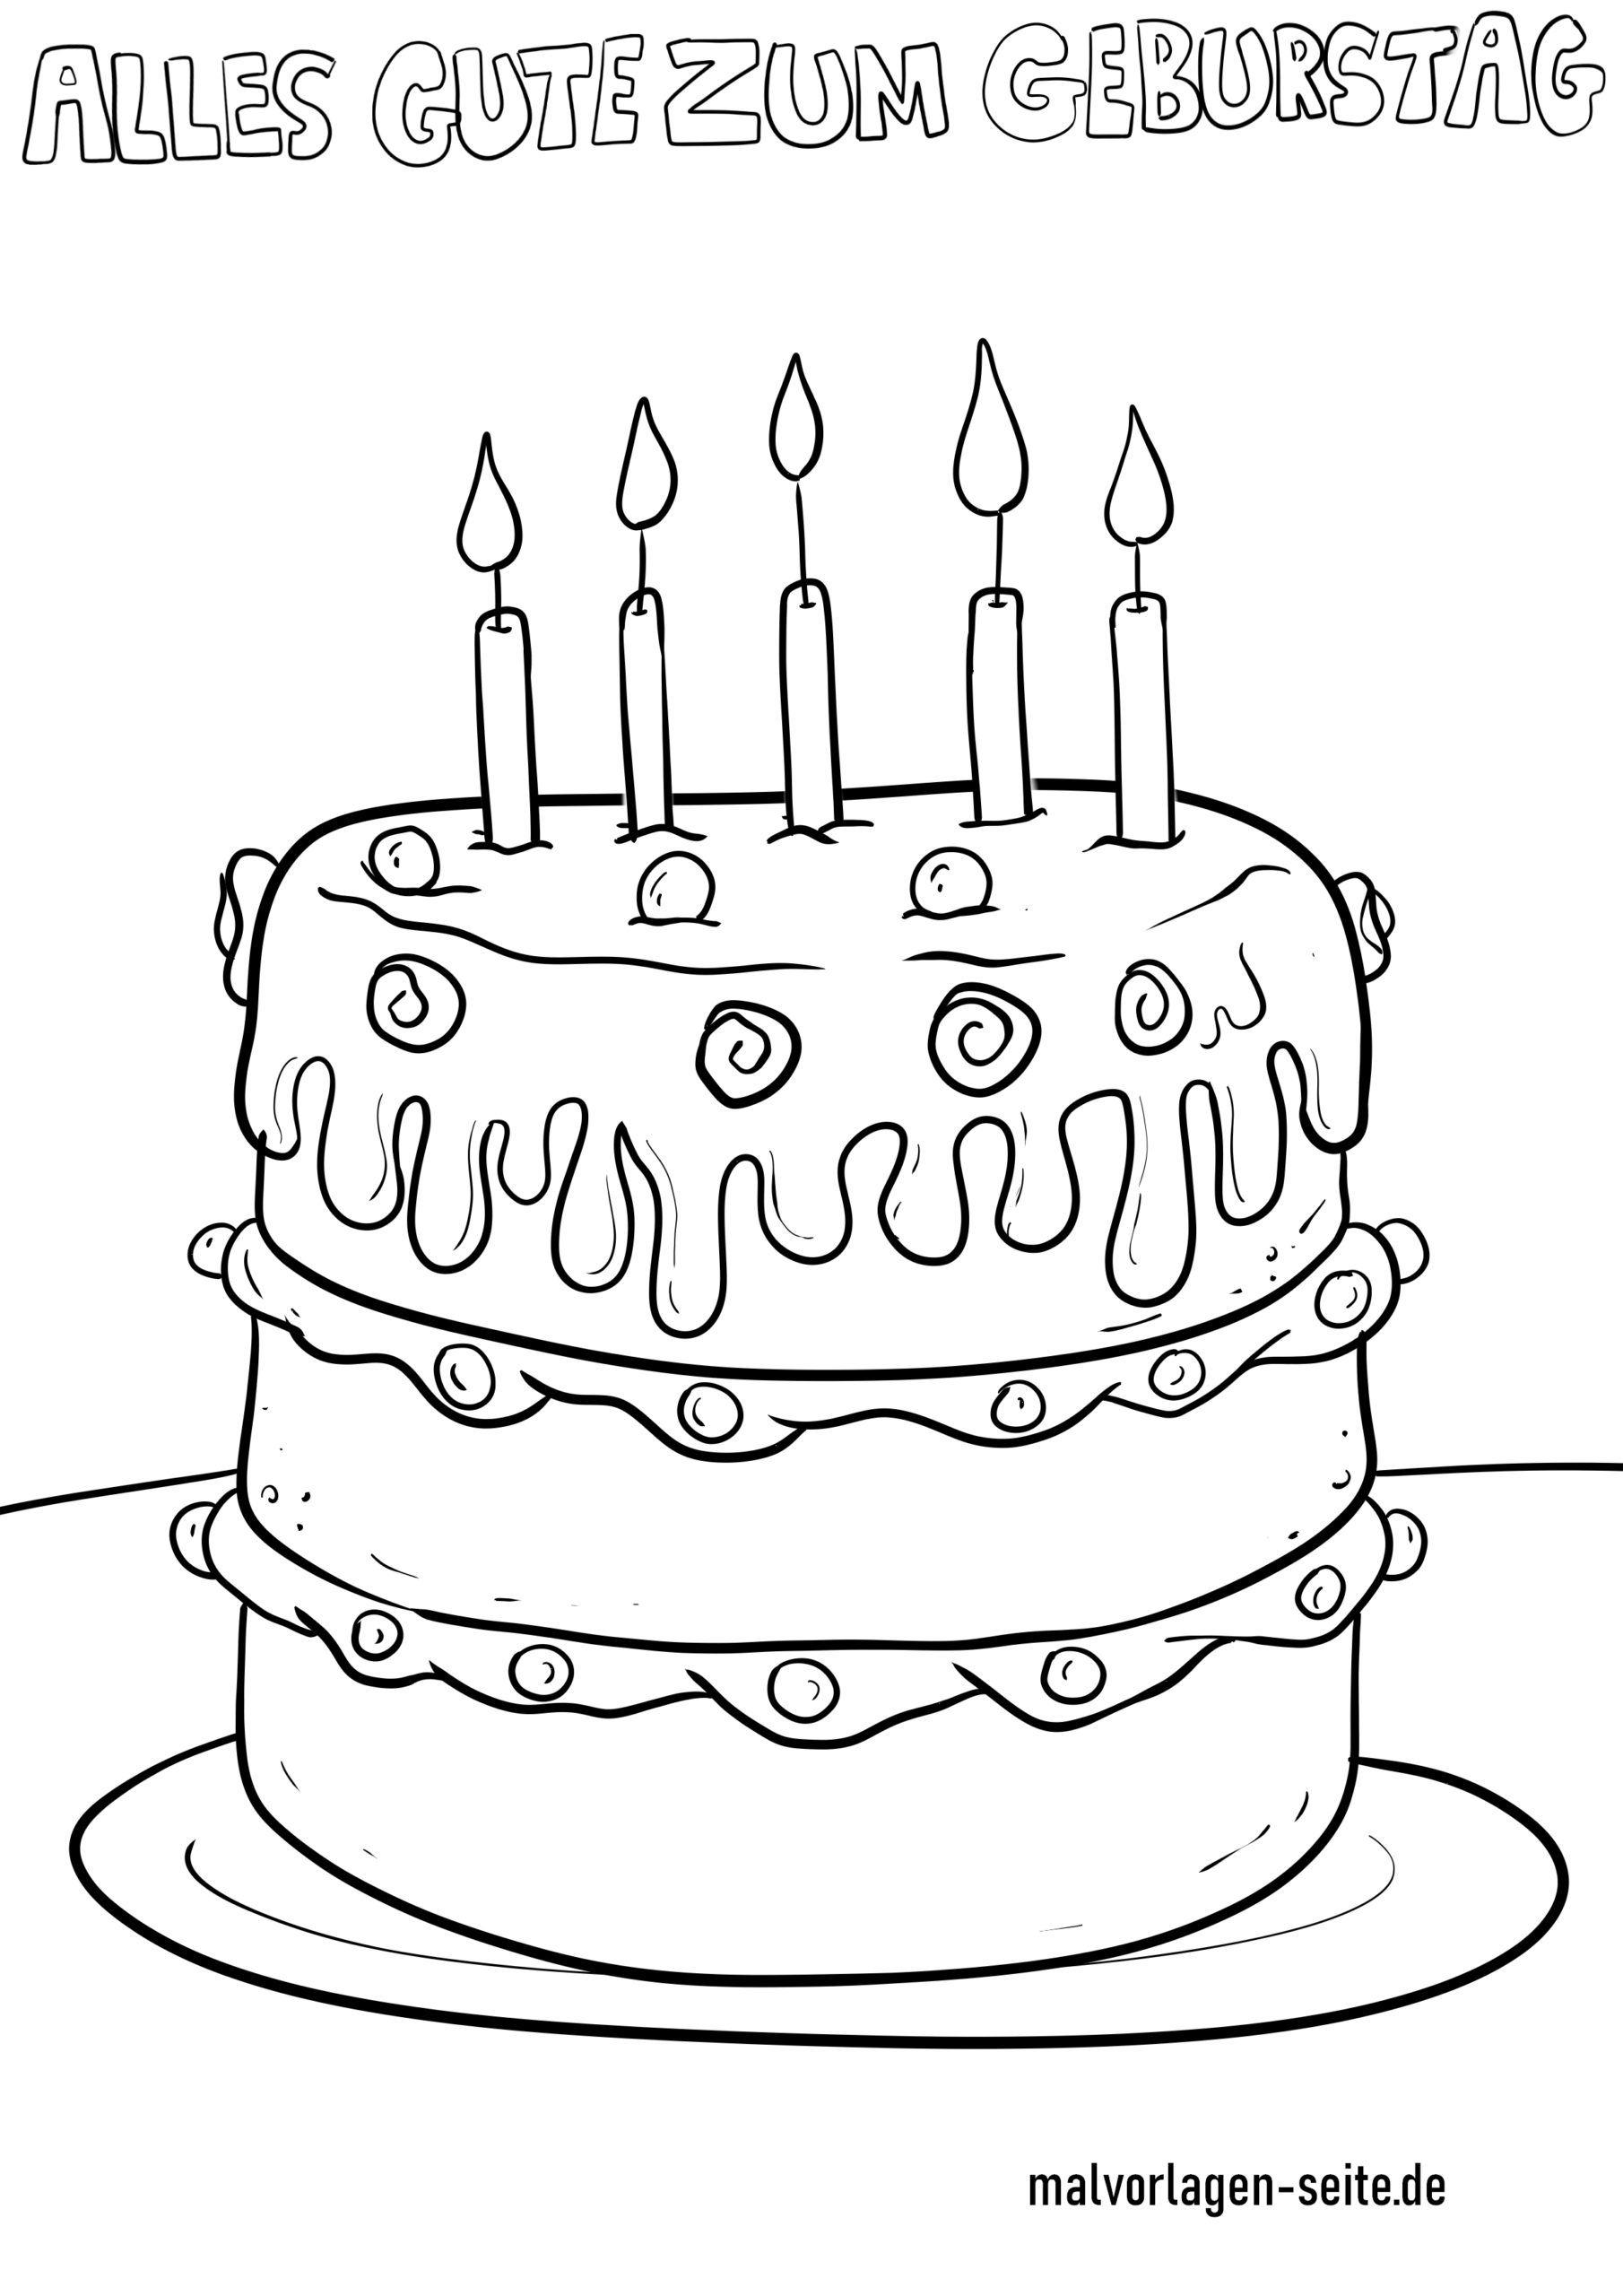 Malvorlage Alles Gute Zum Geburtstag - Ausmalbilder bei Happy Birthday Ausmalbilder Kostenlos